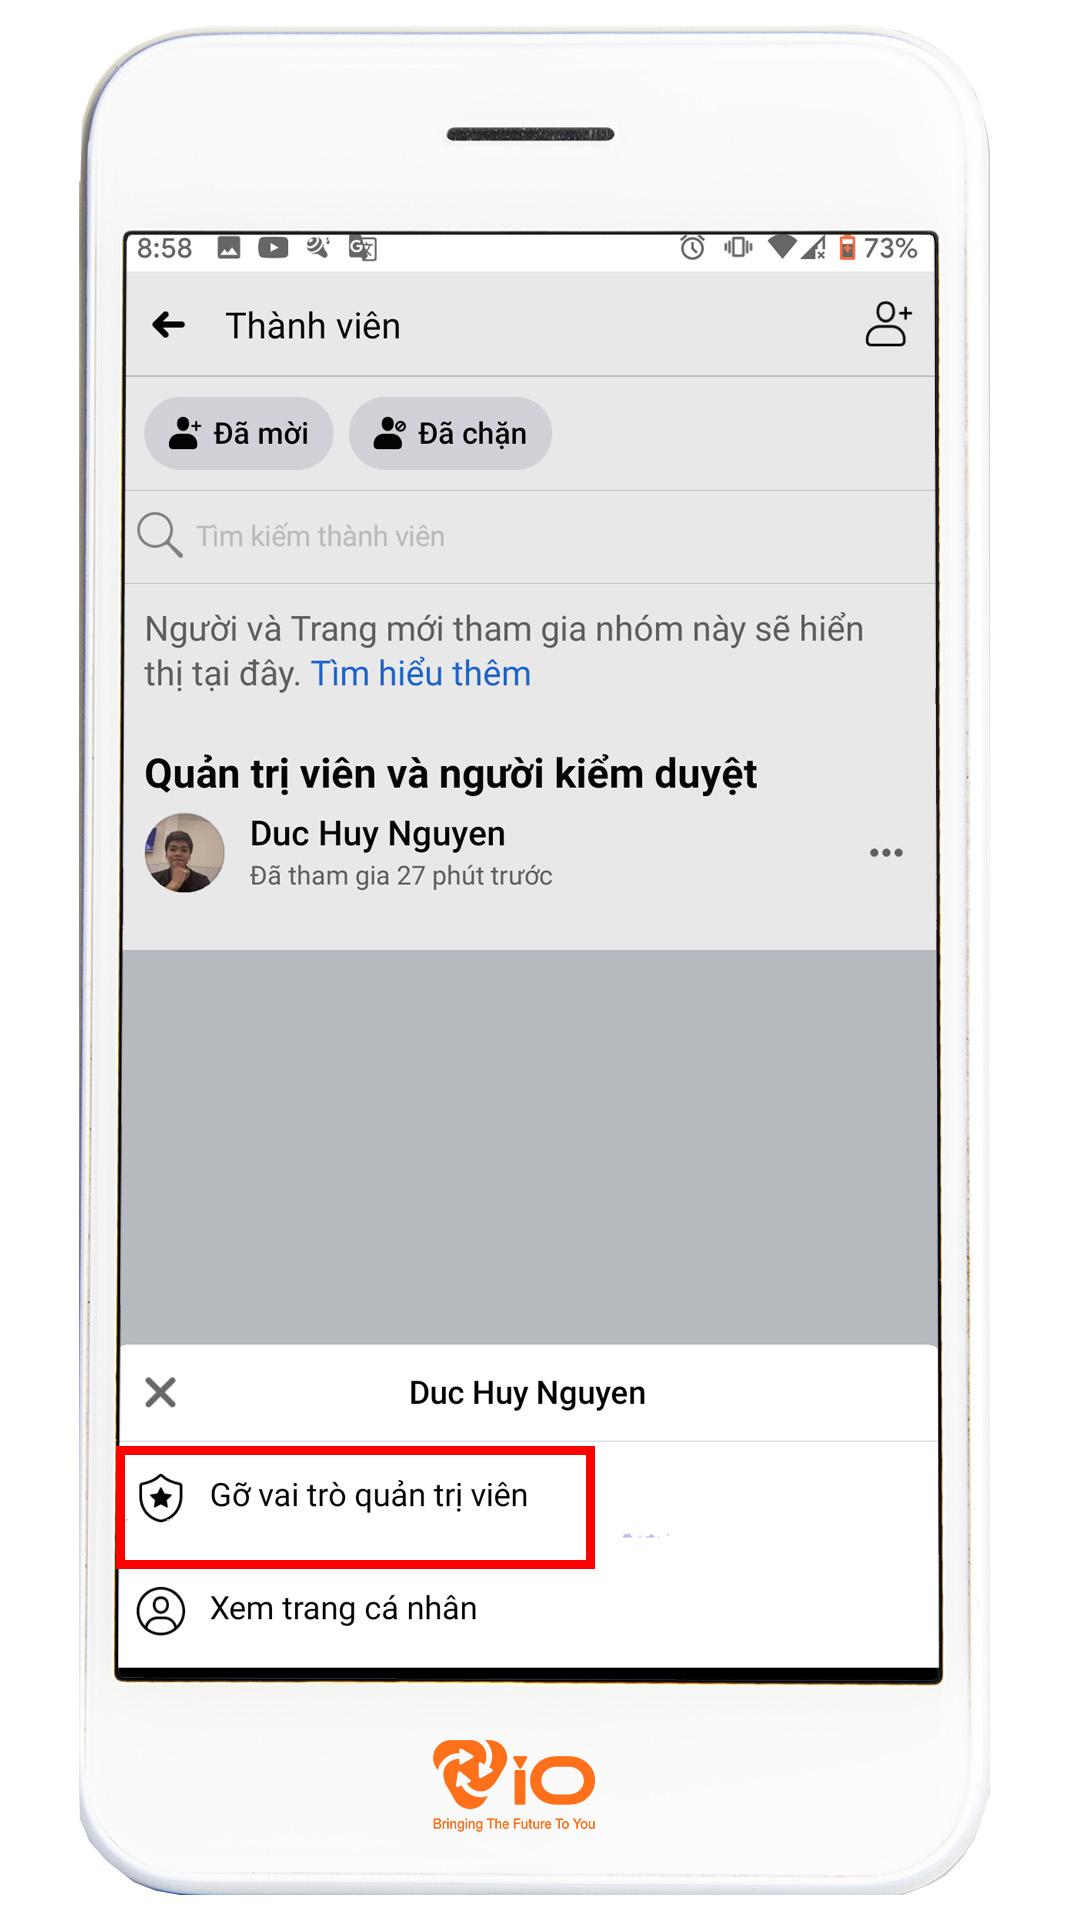 cach-xoa-nhom-tren-facebook-cho-dien-thoai-12